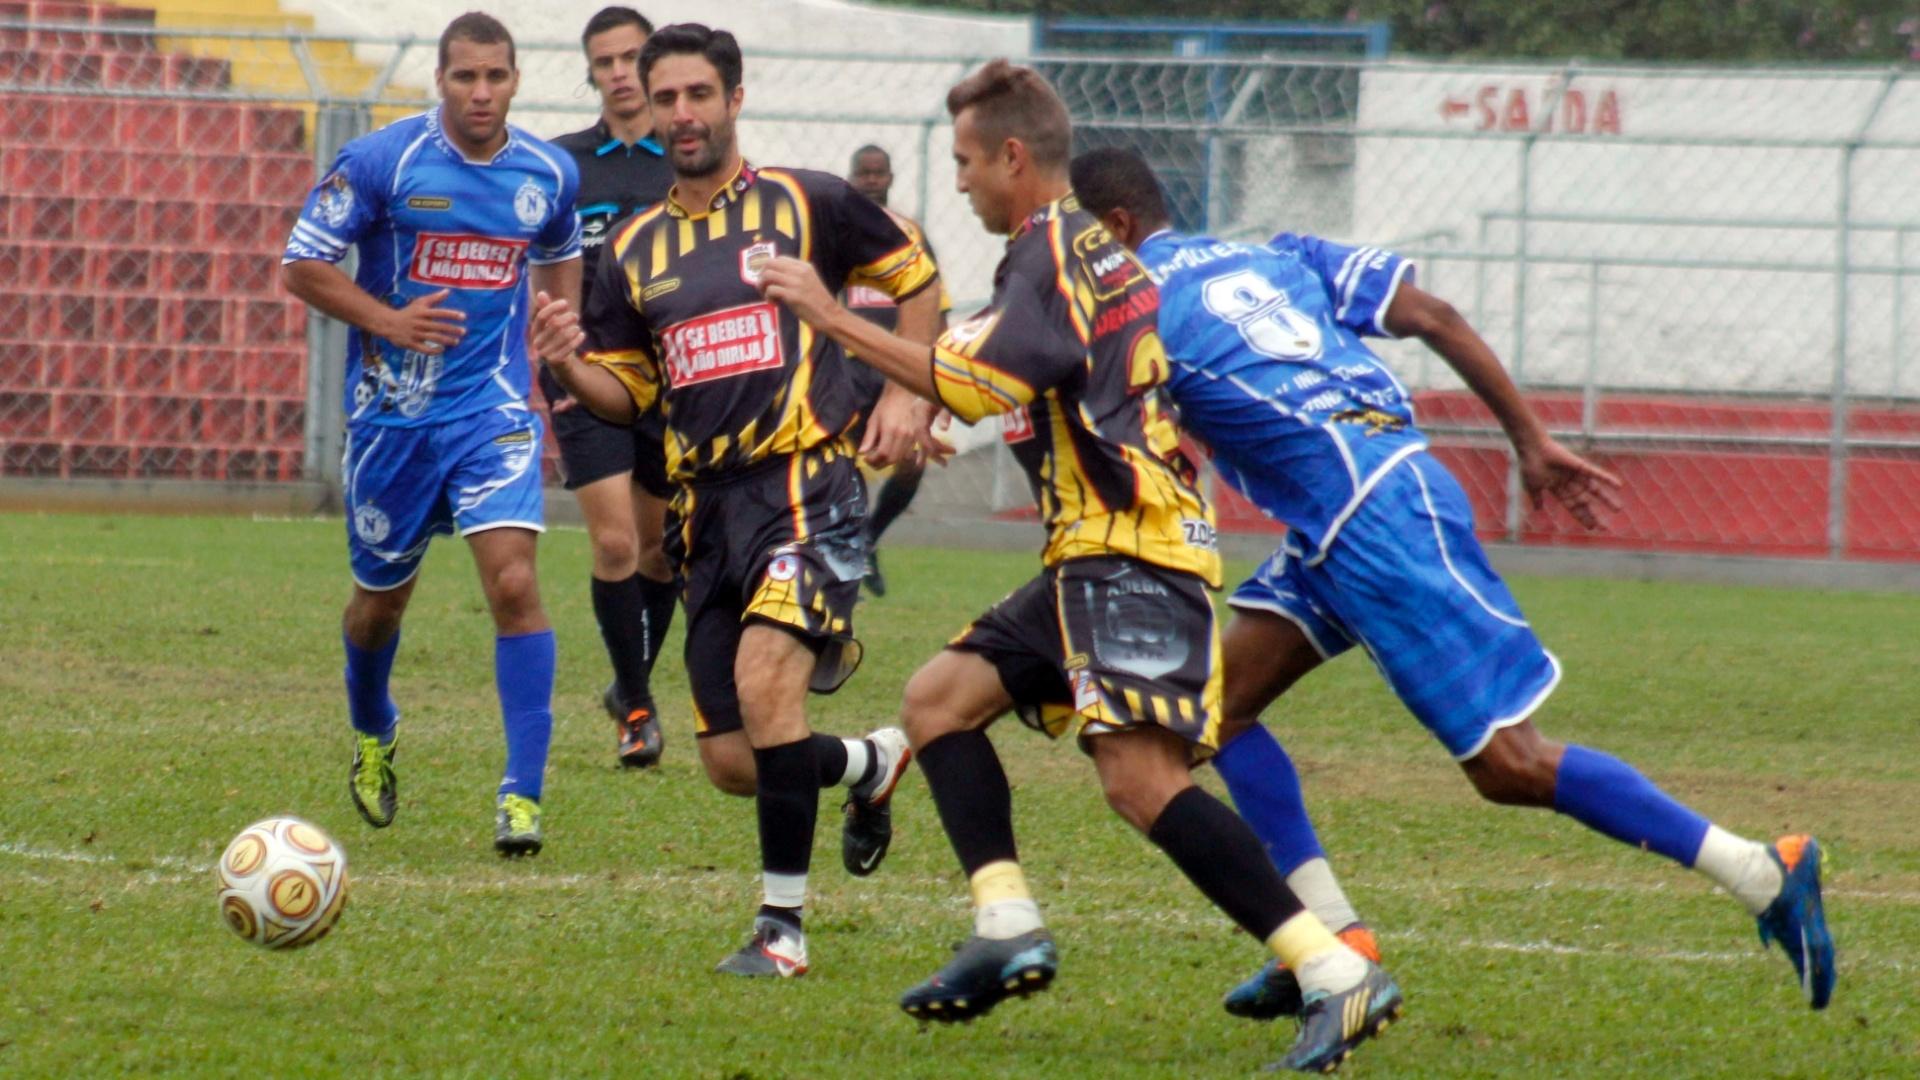 Campeão de 2002, o Napoli (azul) bateu o Adega (amarelo) por 2 a 1